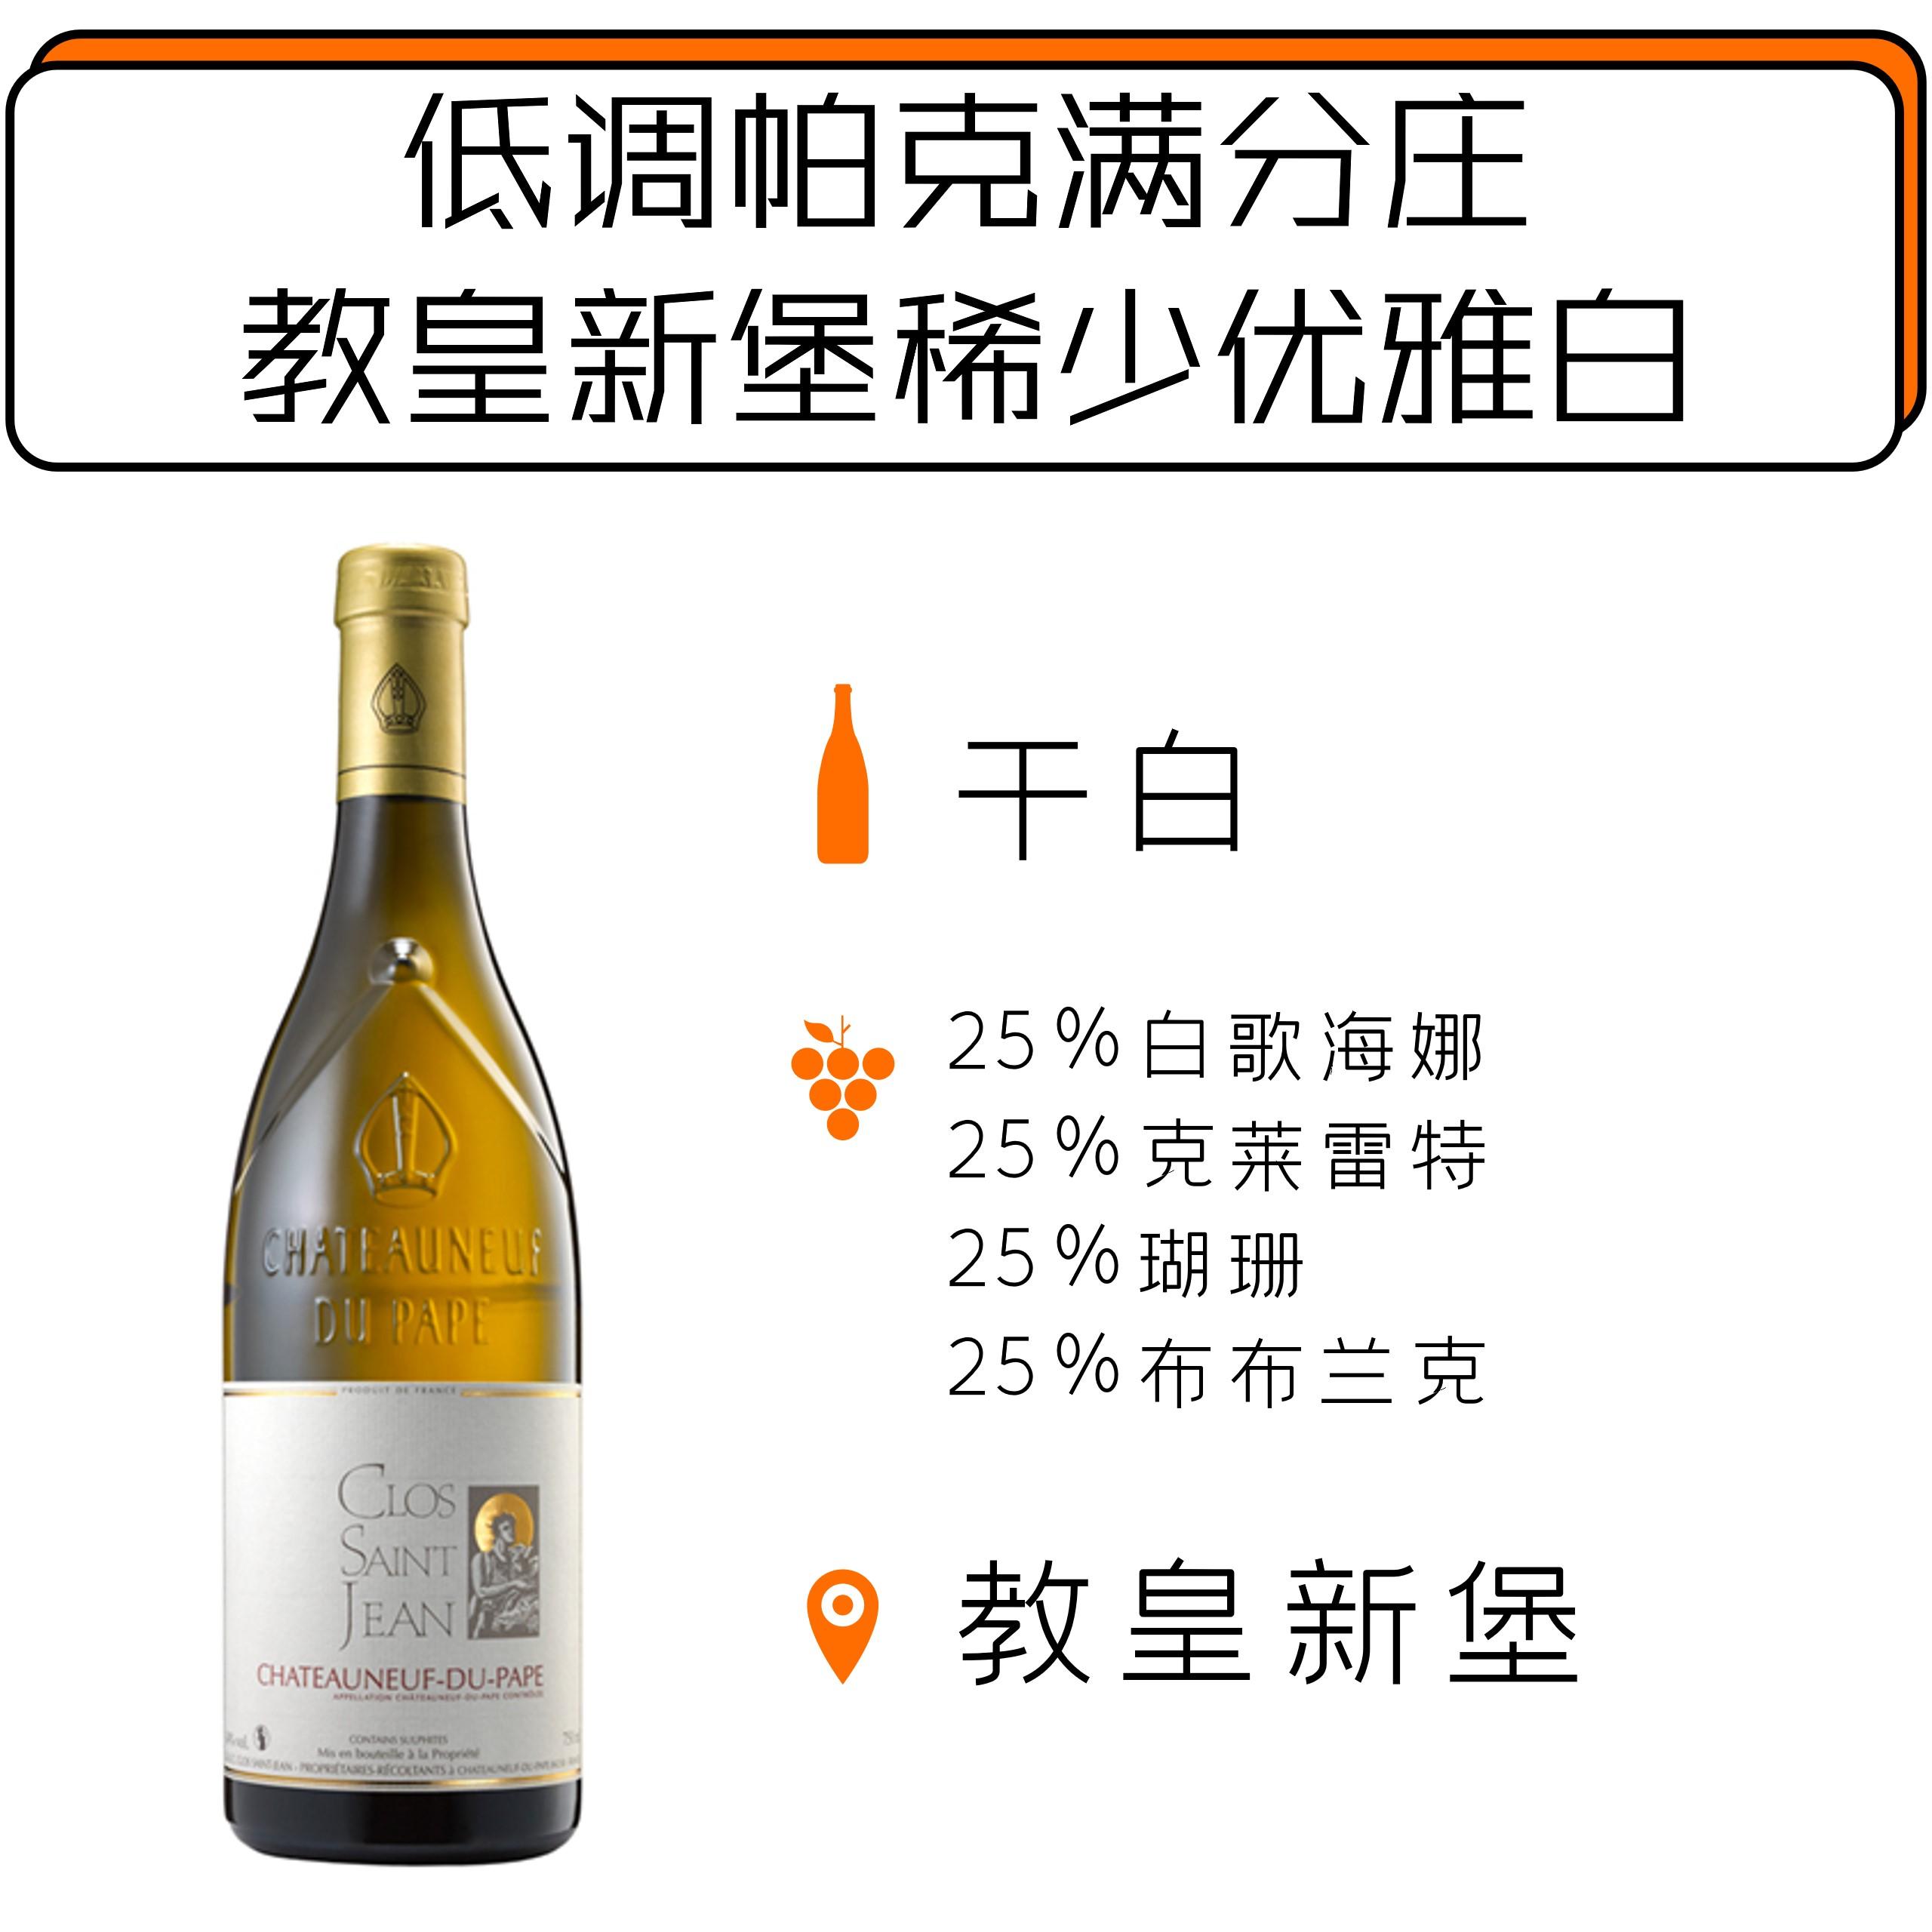 2014年圣让园教皇新堡白葡萄酒Clos St Jean Chateauneuf du Pape Blanc 2014 商品图0